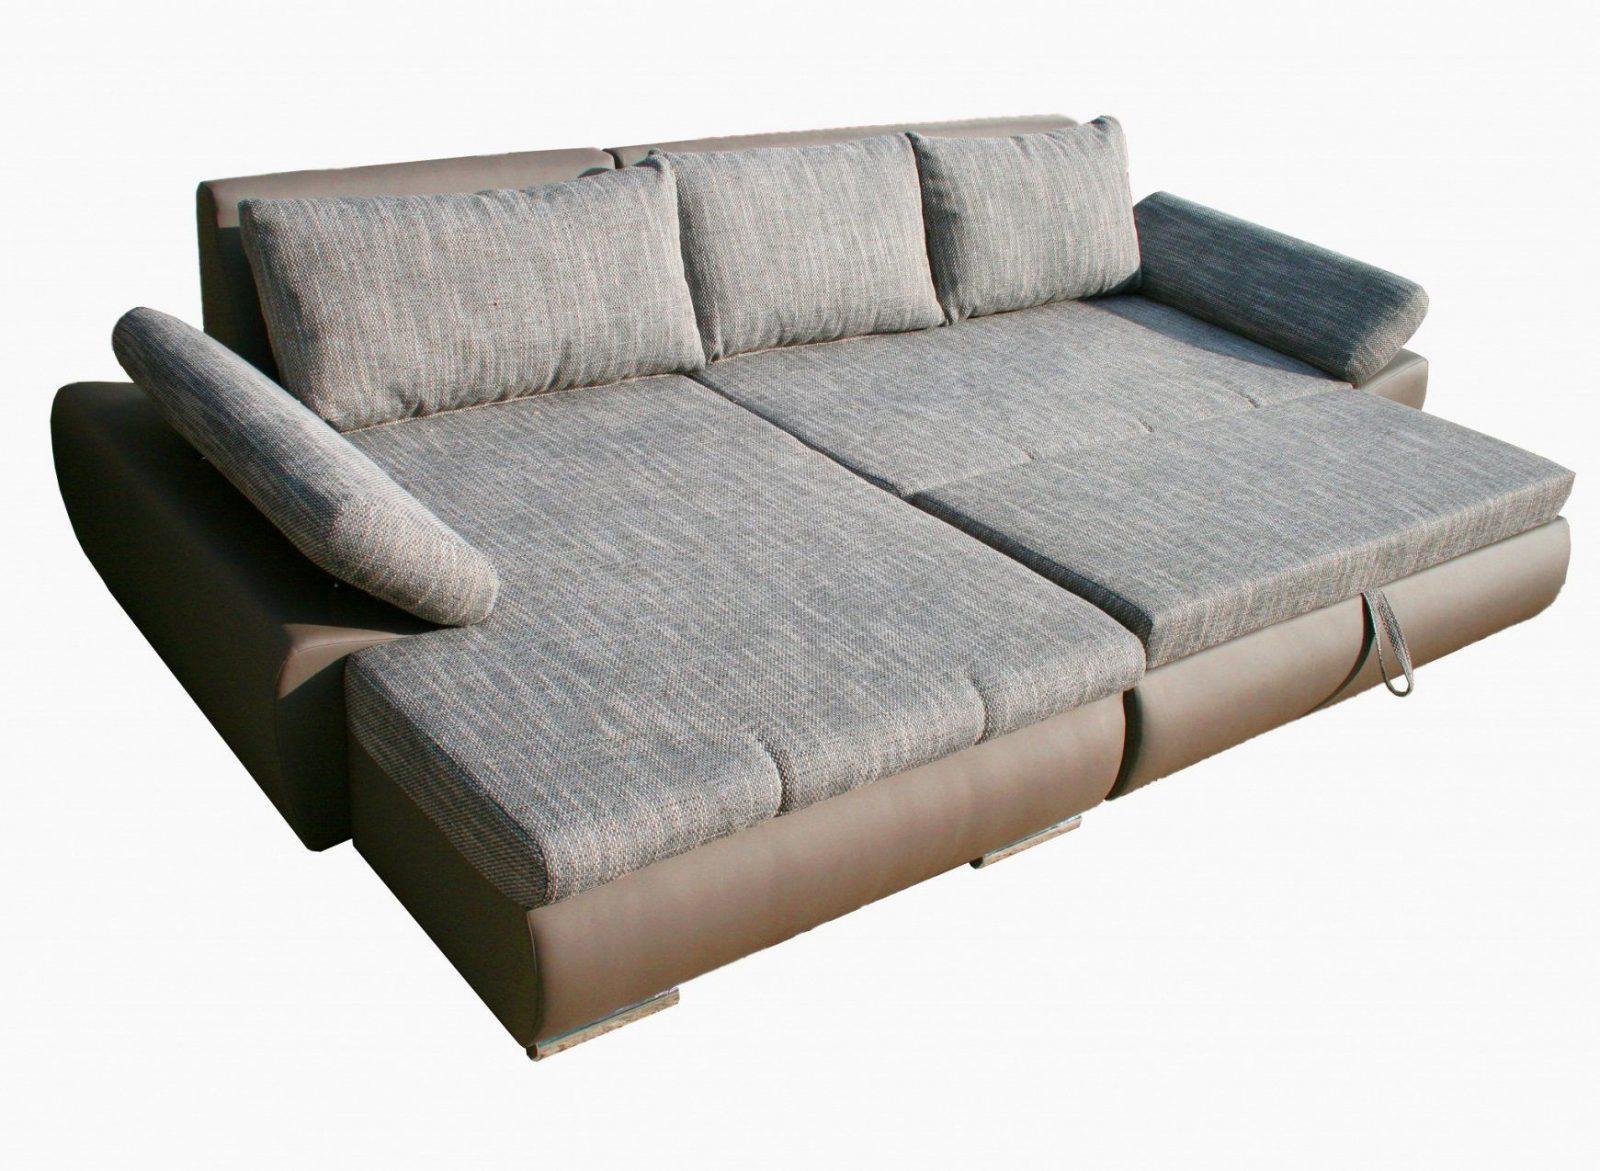 Ausgezeichnet Big Sofa Mit Bettkasten Herrlich Schlaffunktion Und von Couch Mit Bettkasten Und Schlaffunktion Bild